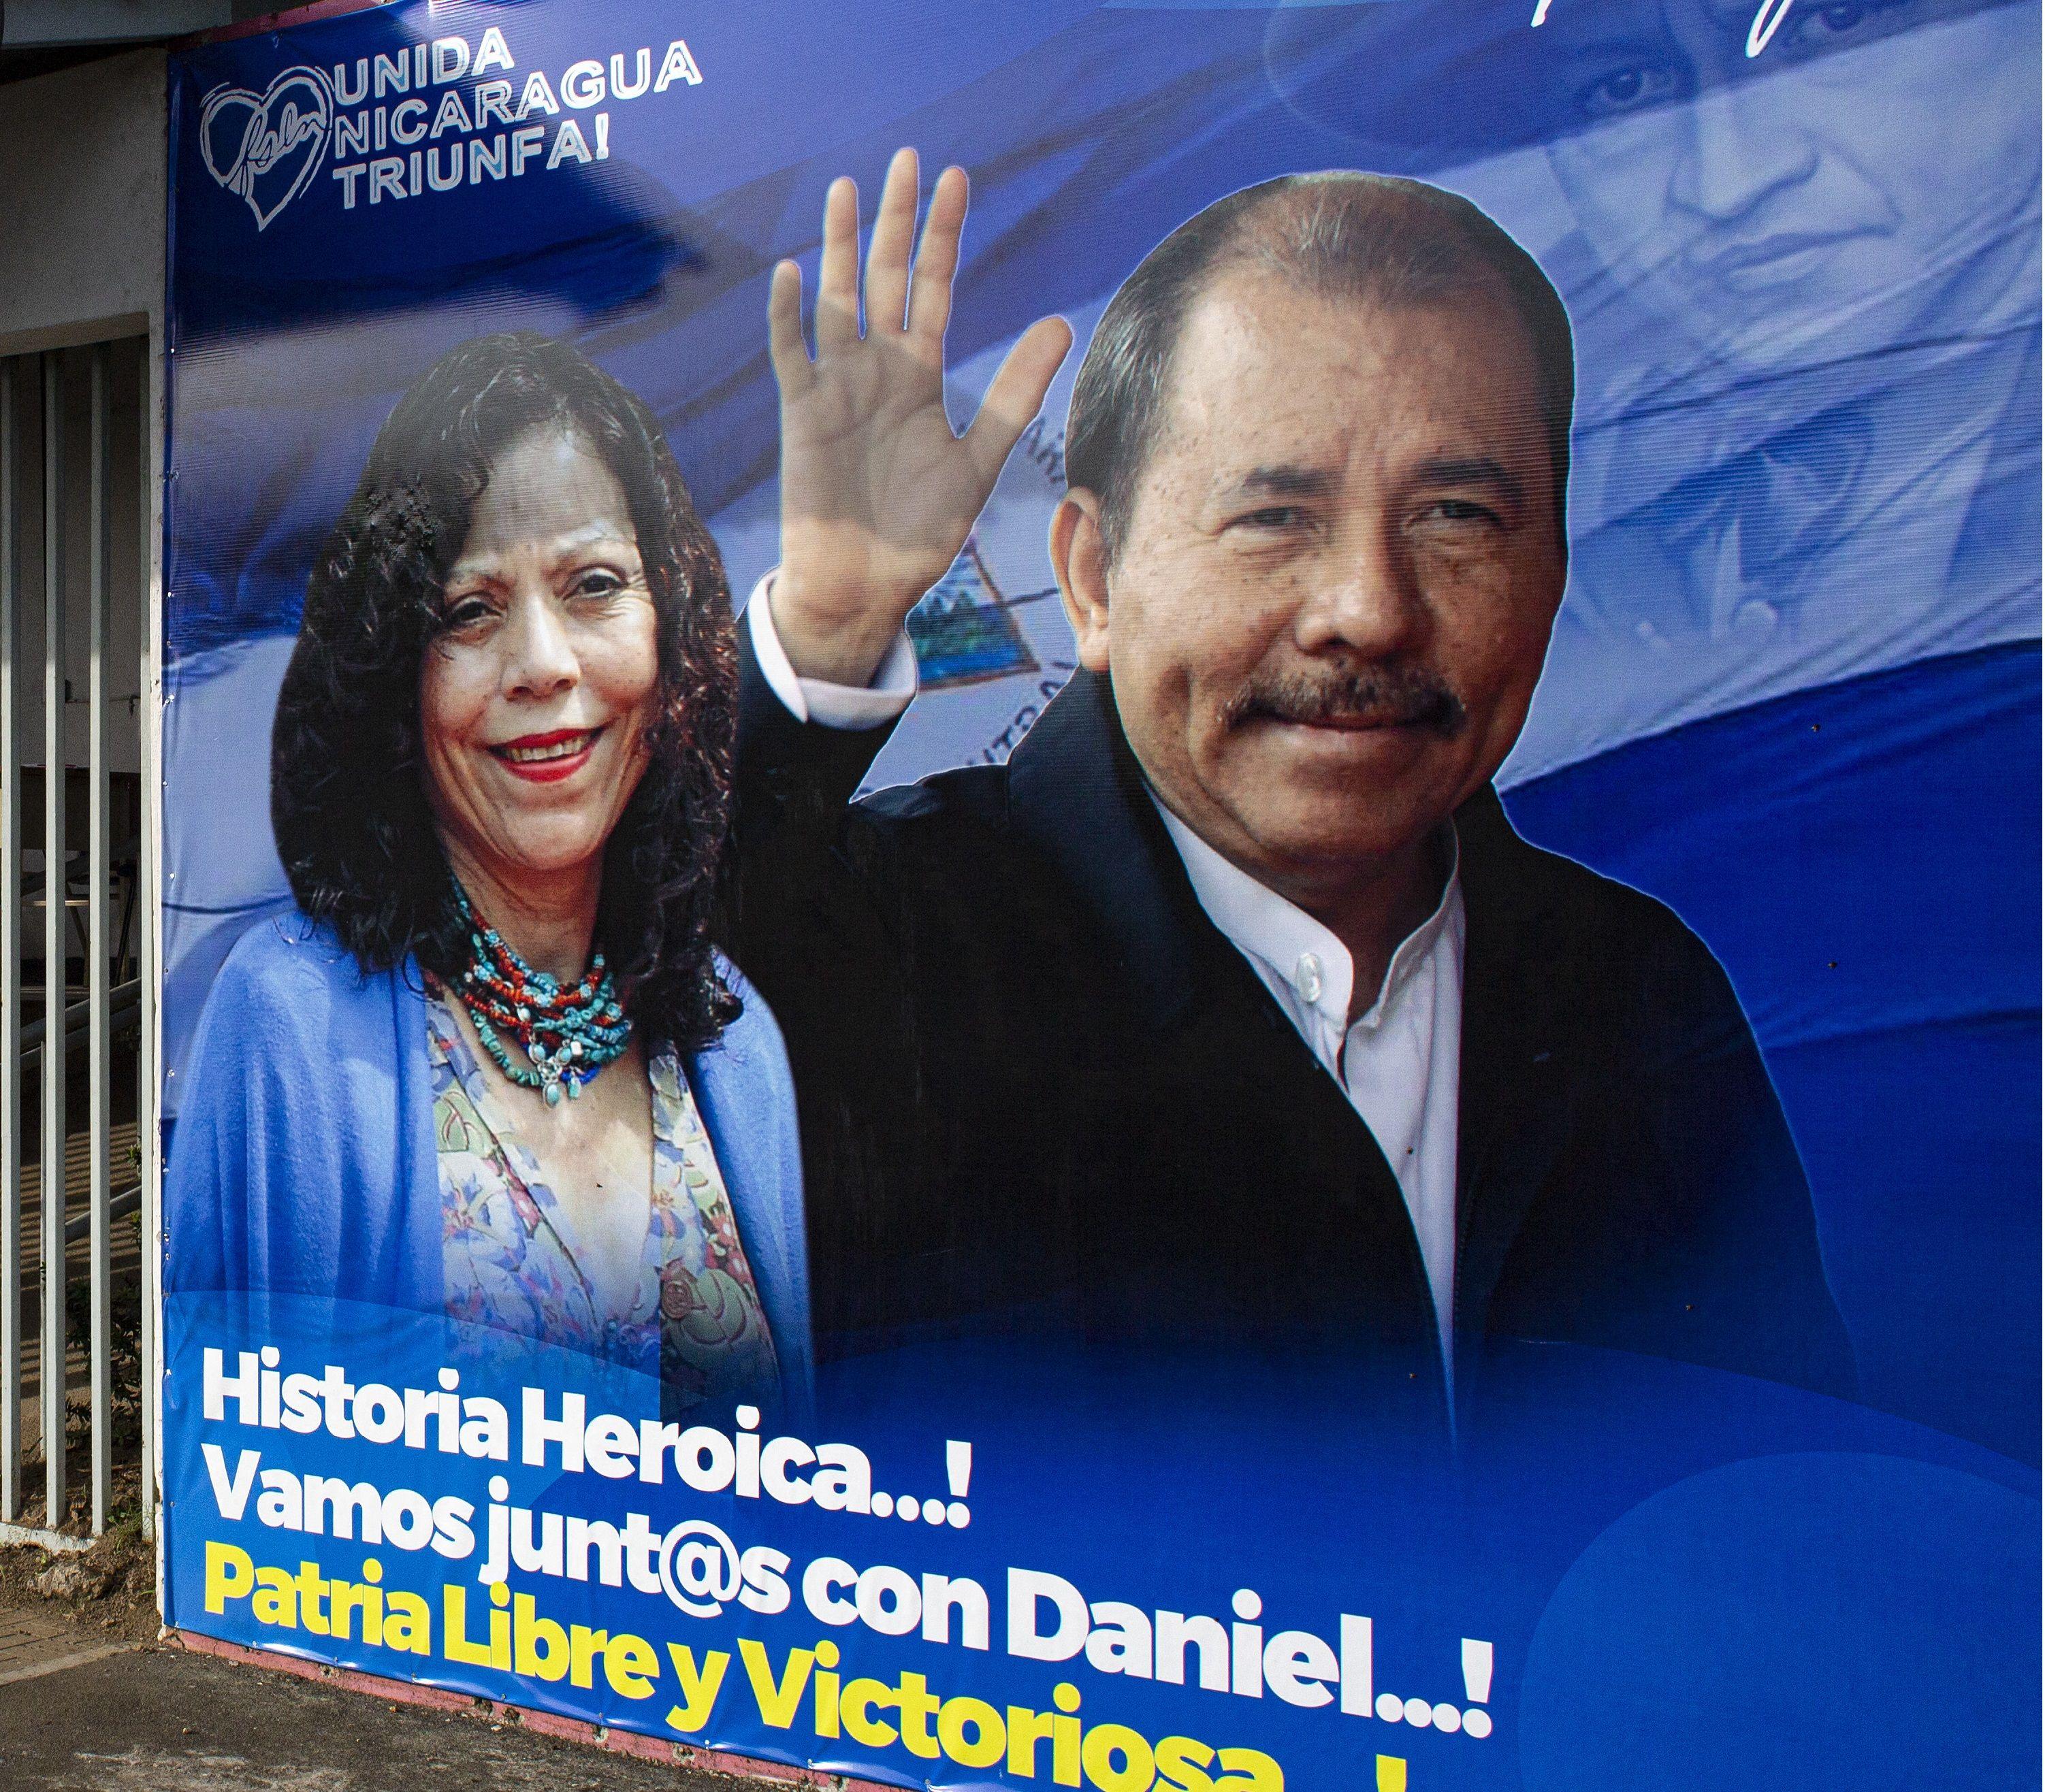 Una pancarta que promueve la candidatura del presidente de Nicaragua, Daniel Ortega, y su esposa y compañera de fórmula, Rosario Murillo.